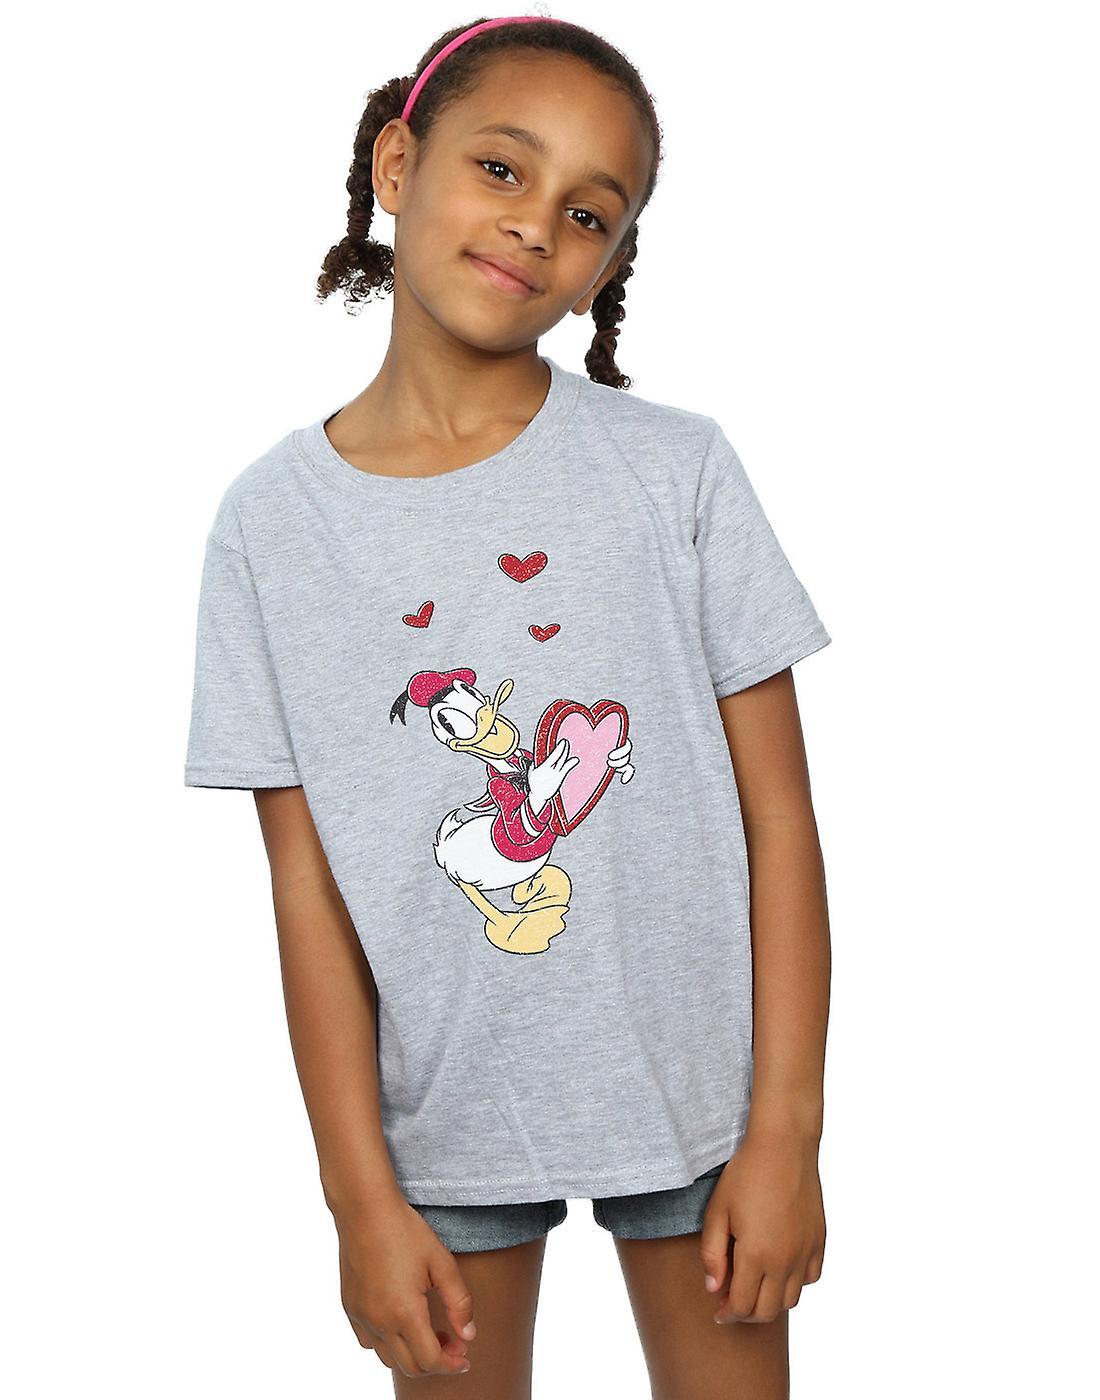 Disney Girls Donald Duck Love Heart T-Shirt